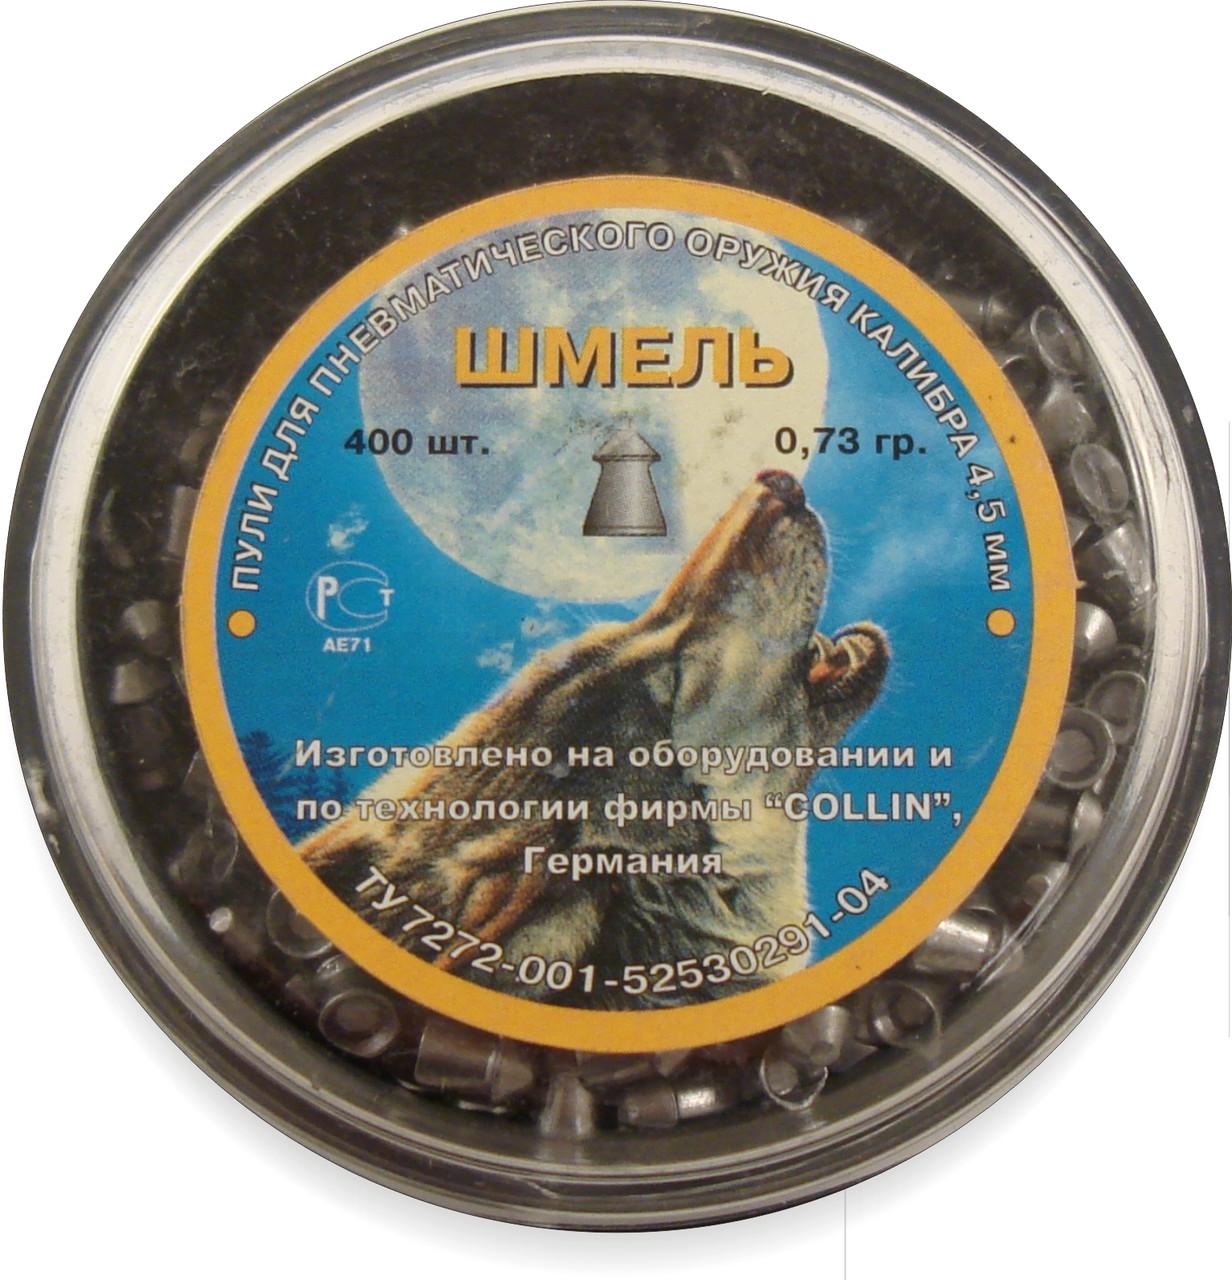 Пули Шмель 0,73г, Полимагнум, калибр 4,5 мм, 400 шт/уп. Тяжелые пули для пневматики